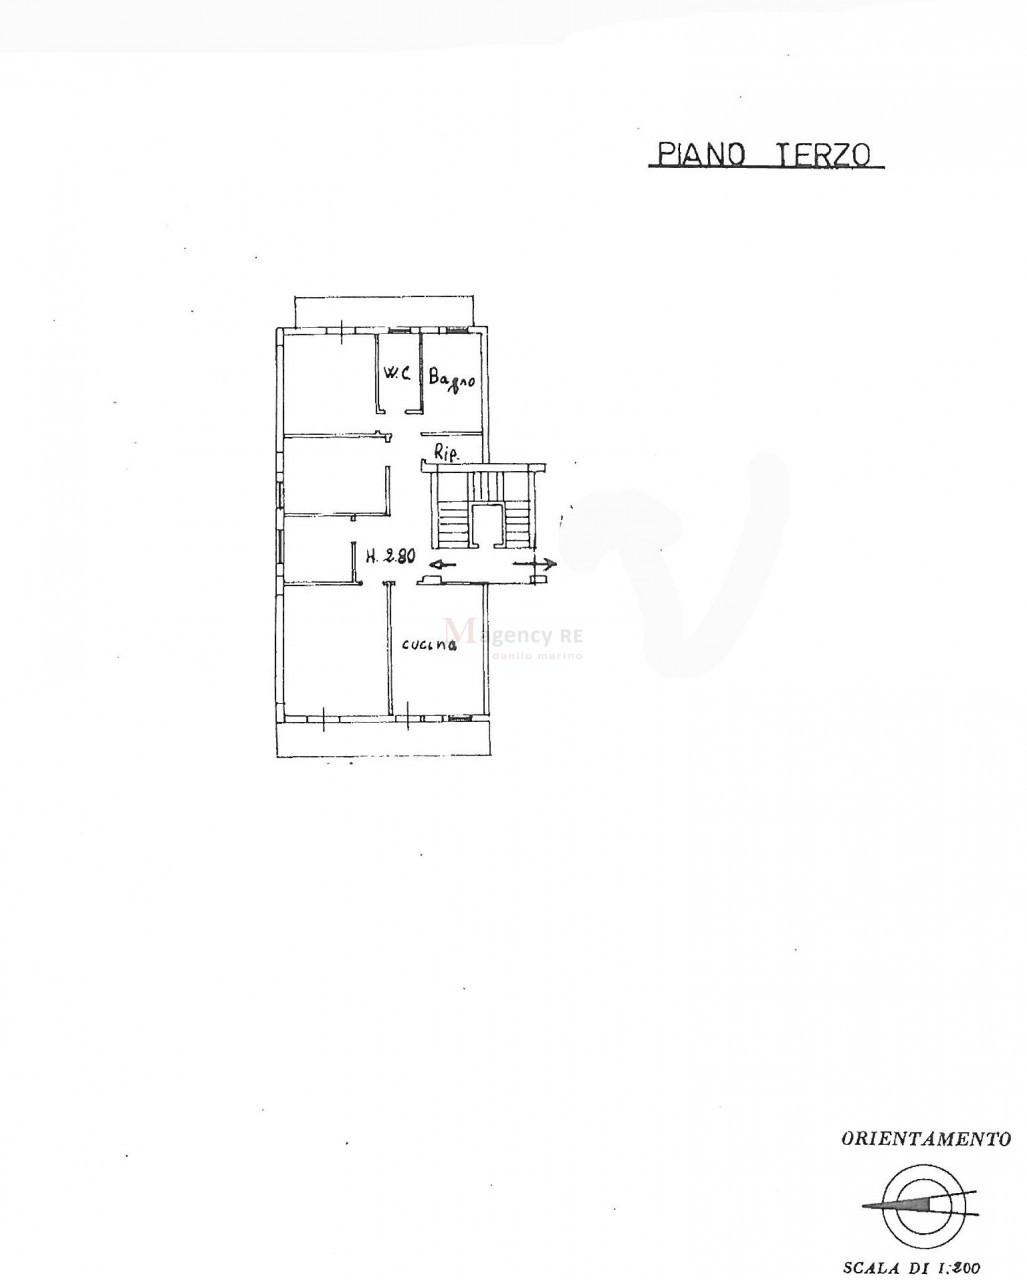 Appartamento ristrutturato anche AFFITTO CON RISCATTO